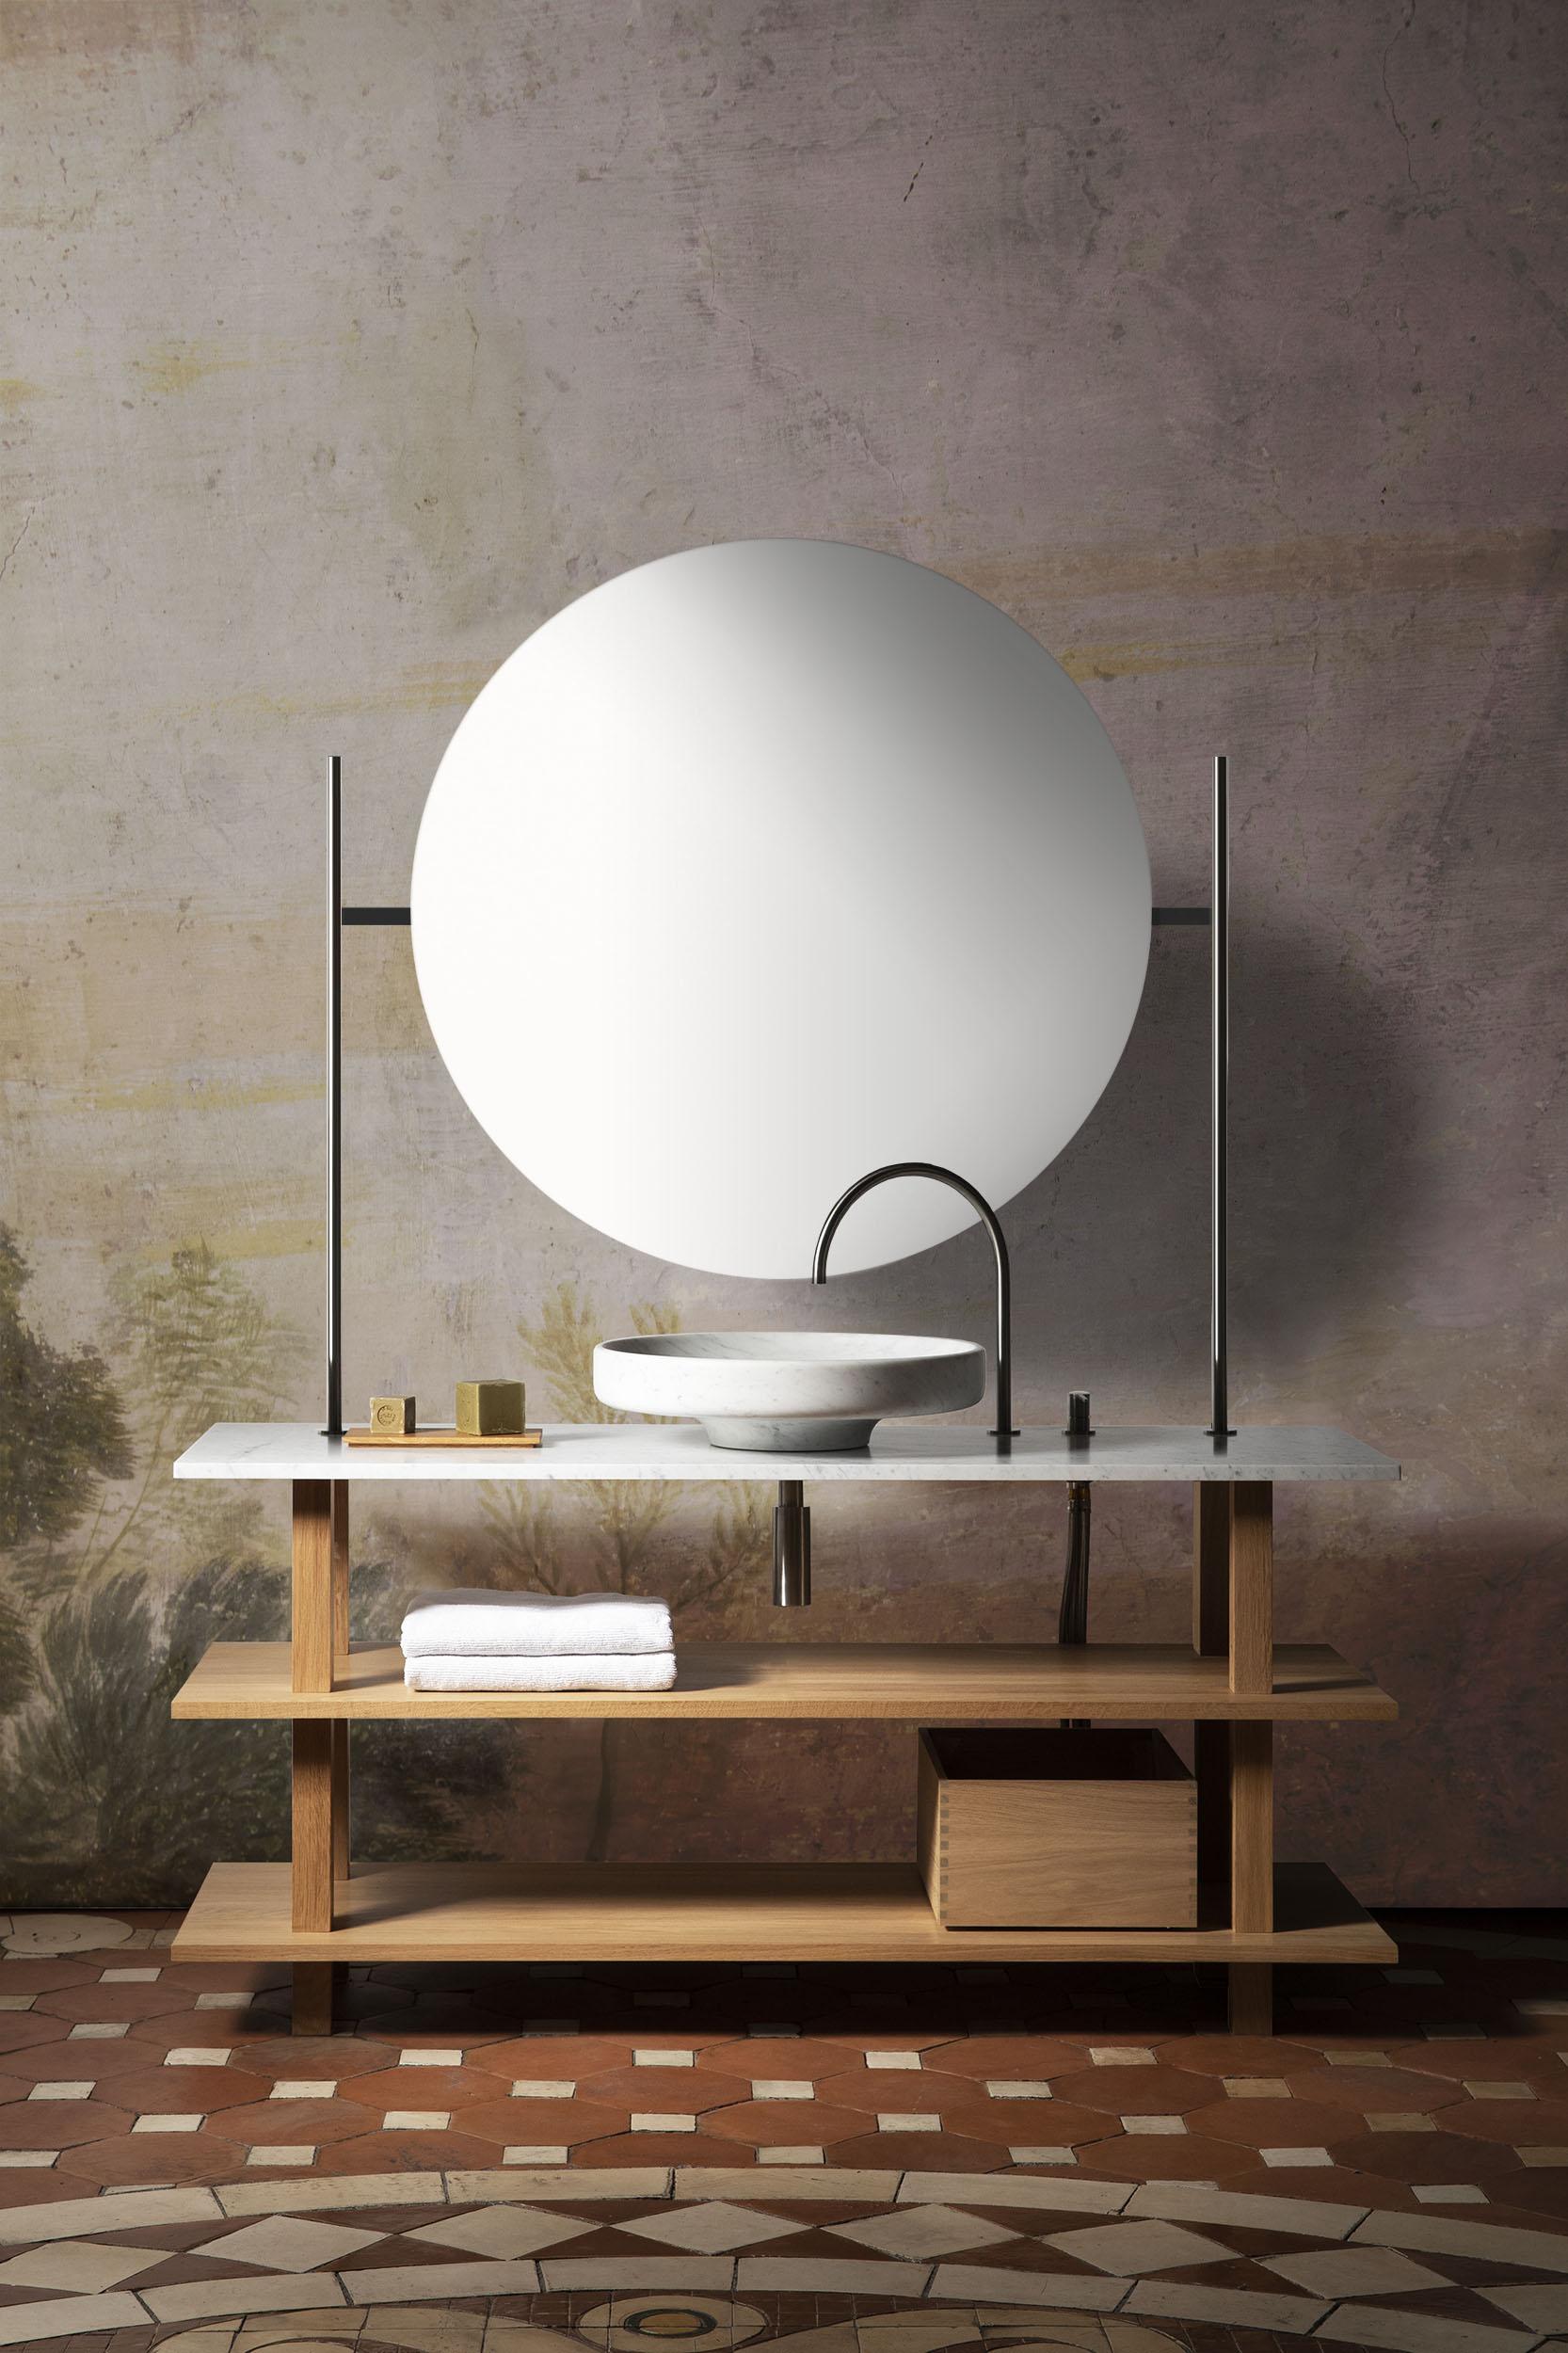 Miroir Eclairant Salle De Bain meubles plateforme pour la salle de bain — objets architecturaux